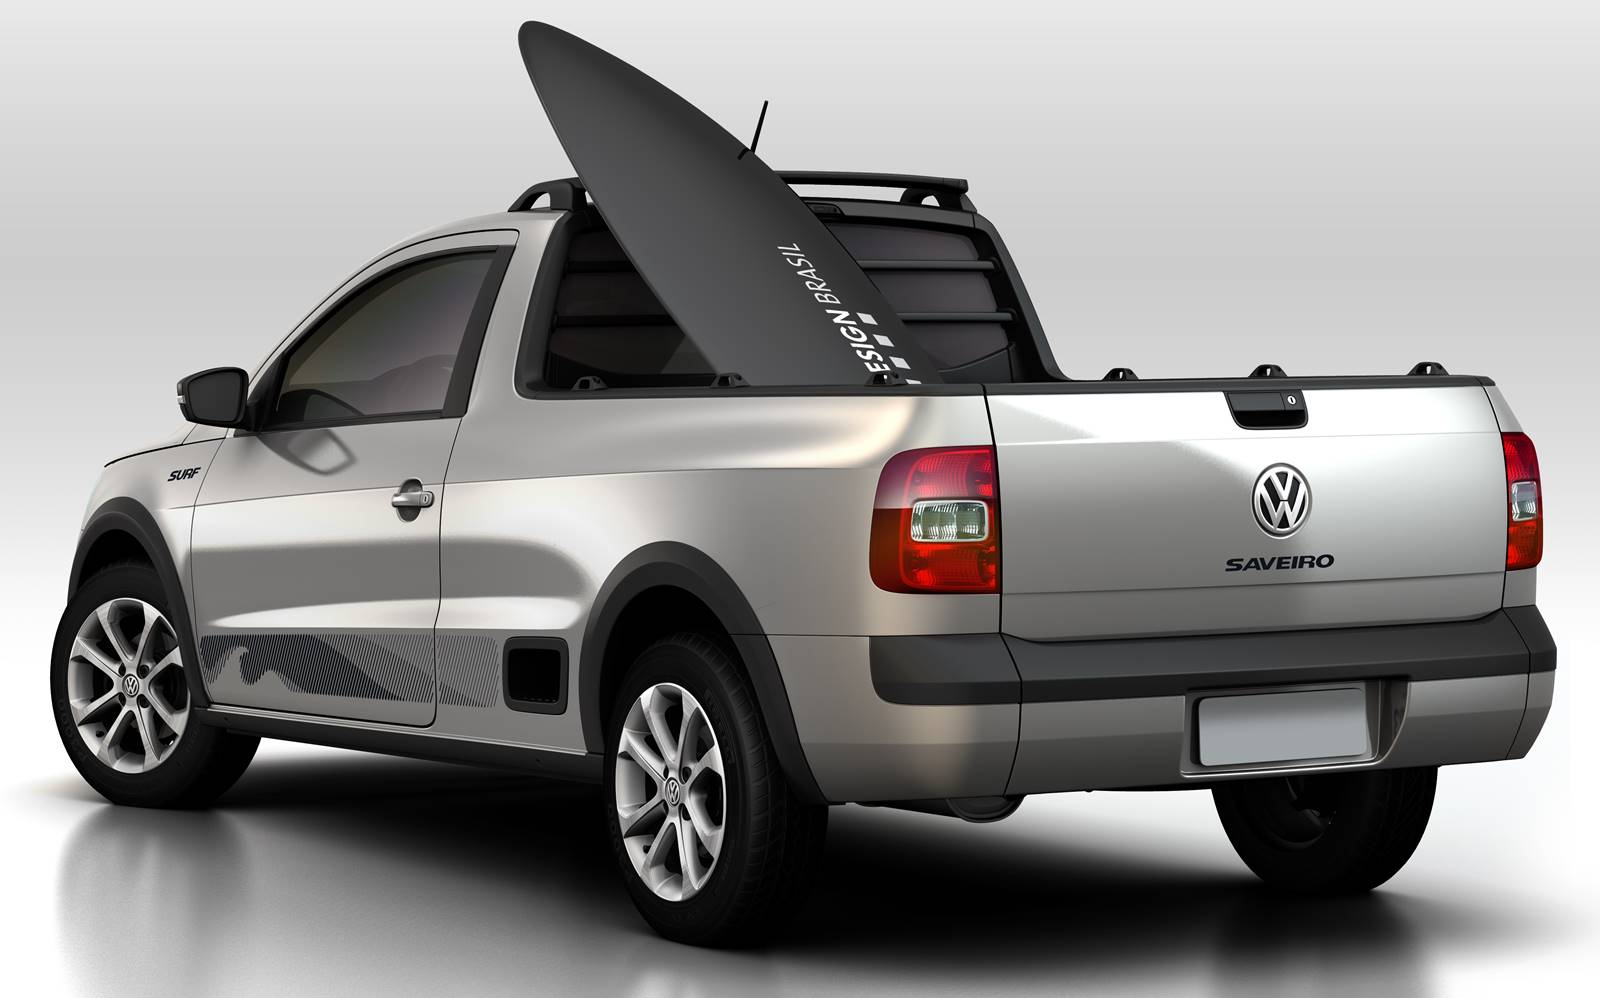 VW Saveiro Surf 2015